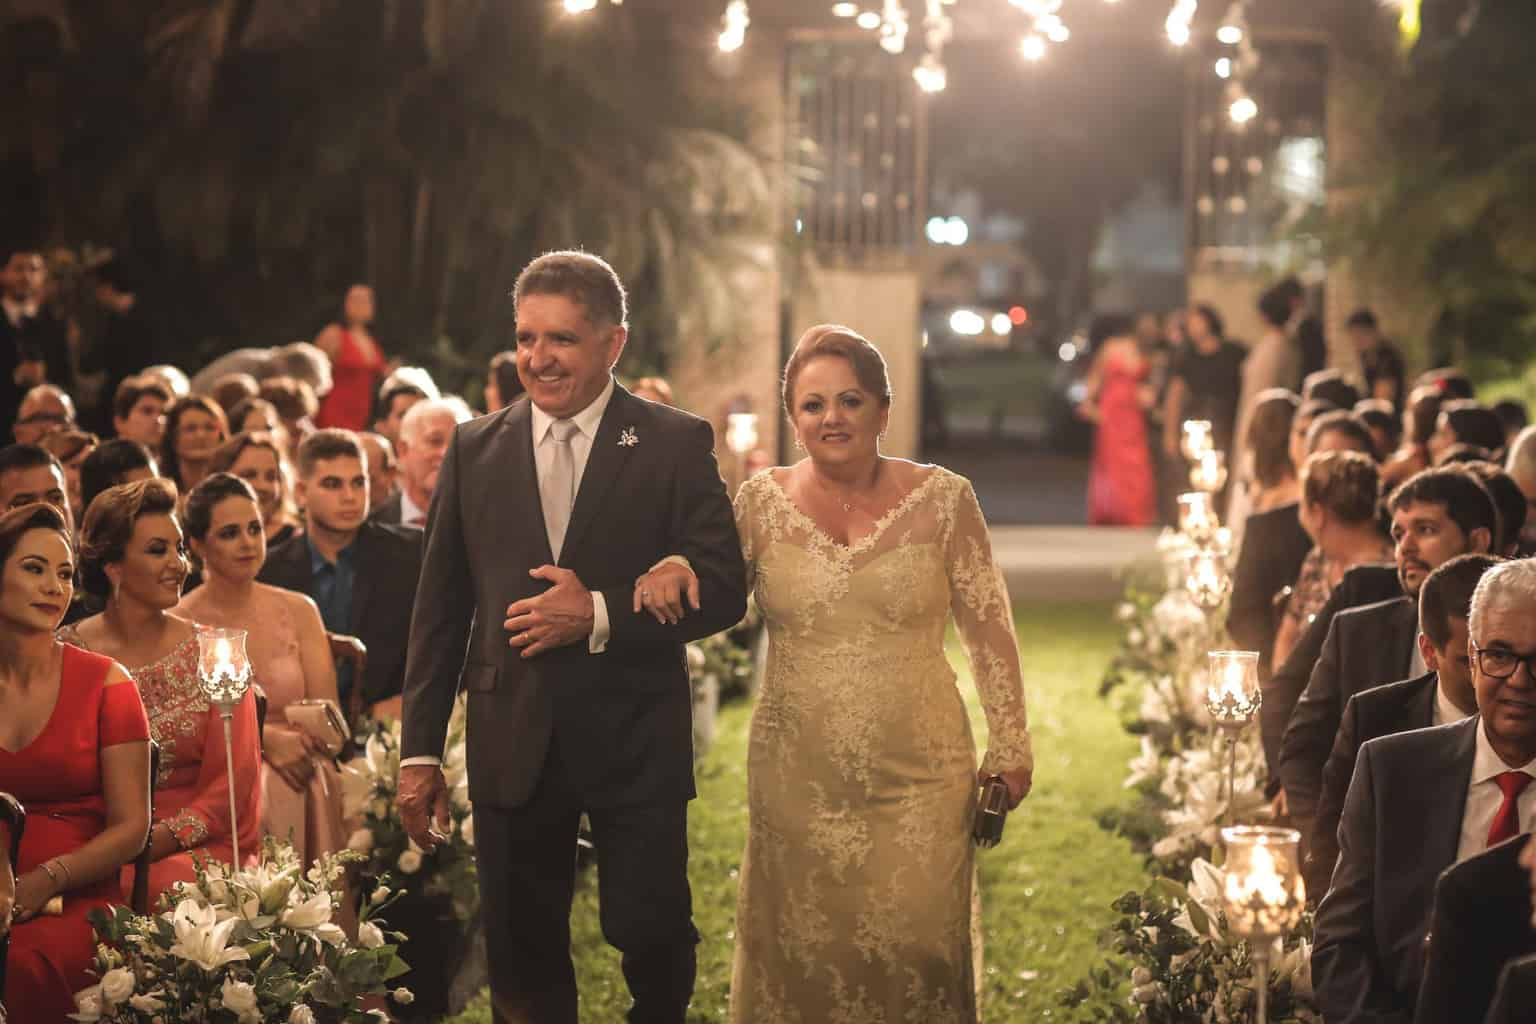 casamento-Juliana-e-Eduardo-cerimonia-Fotografia-Ricardo-Nascimento-e-Thereza-magno-Usina-dois-irmãos43